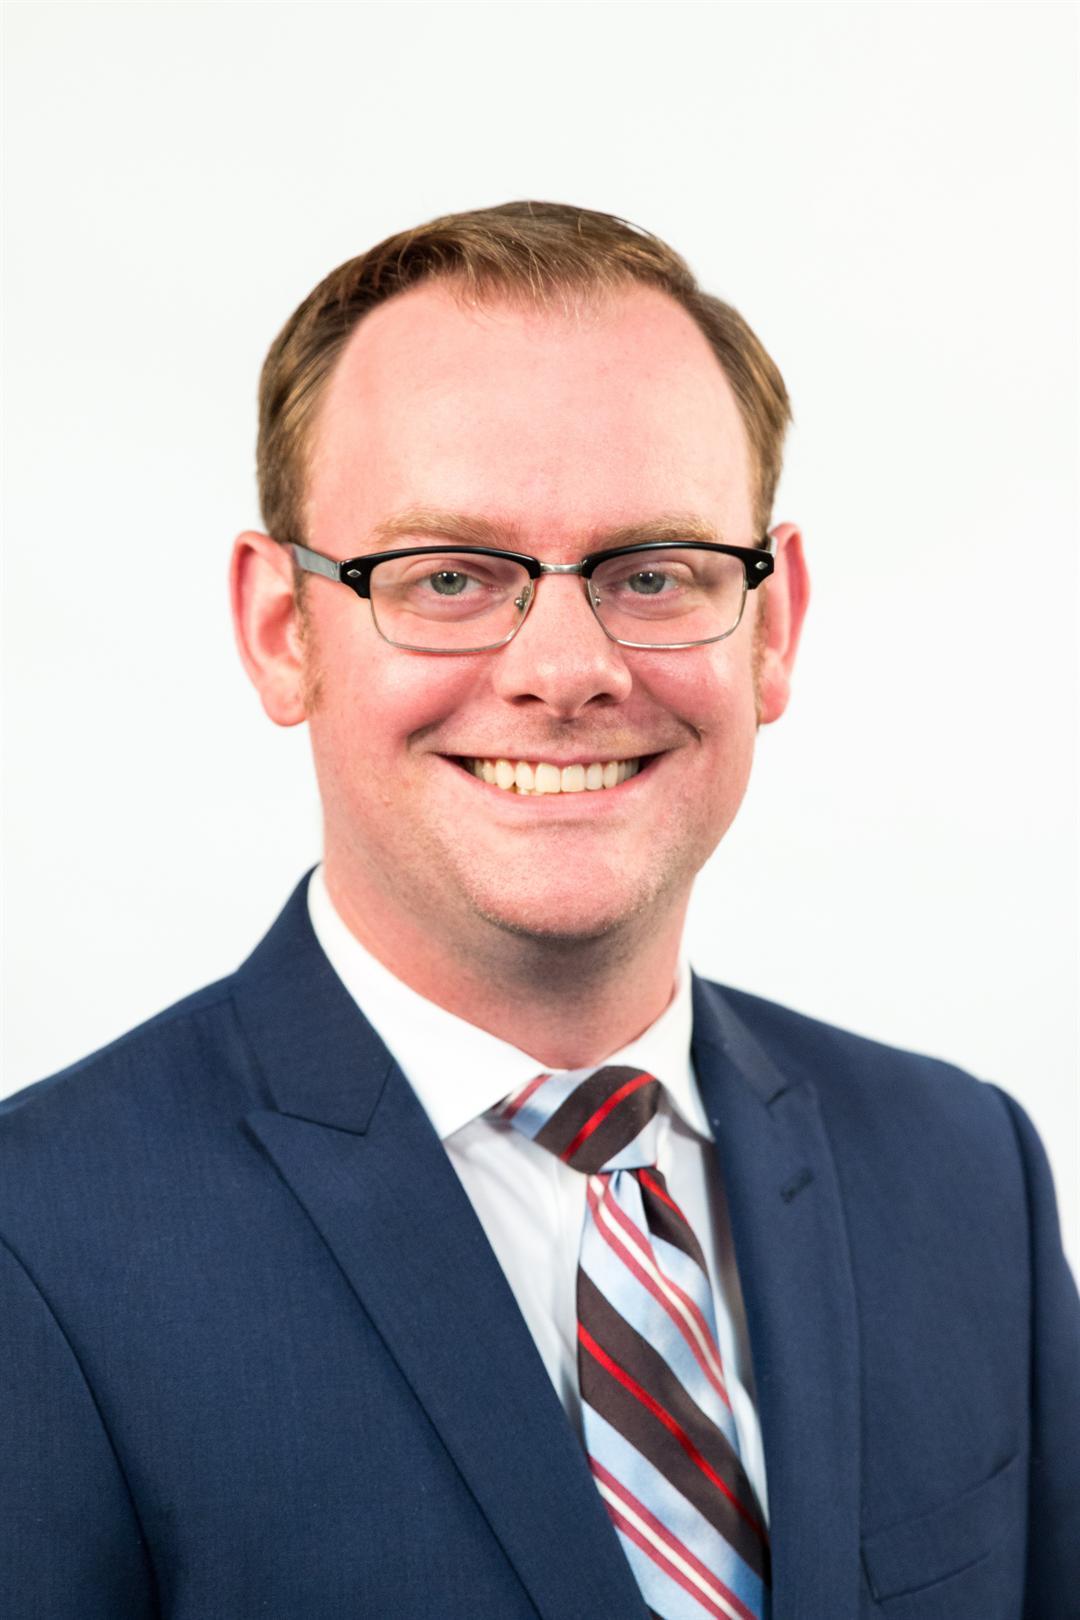 Jamison Hixenbaugh